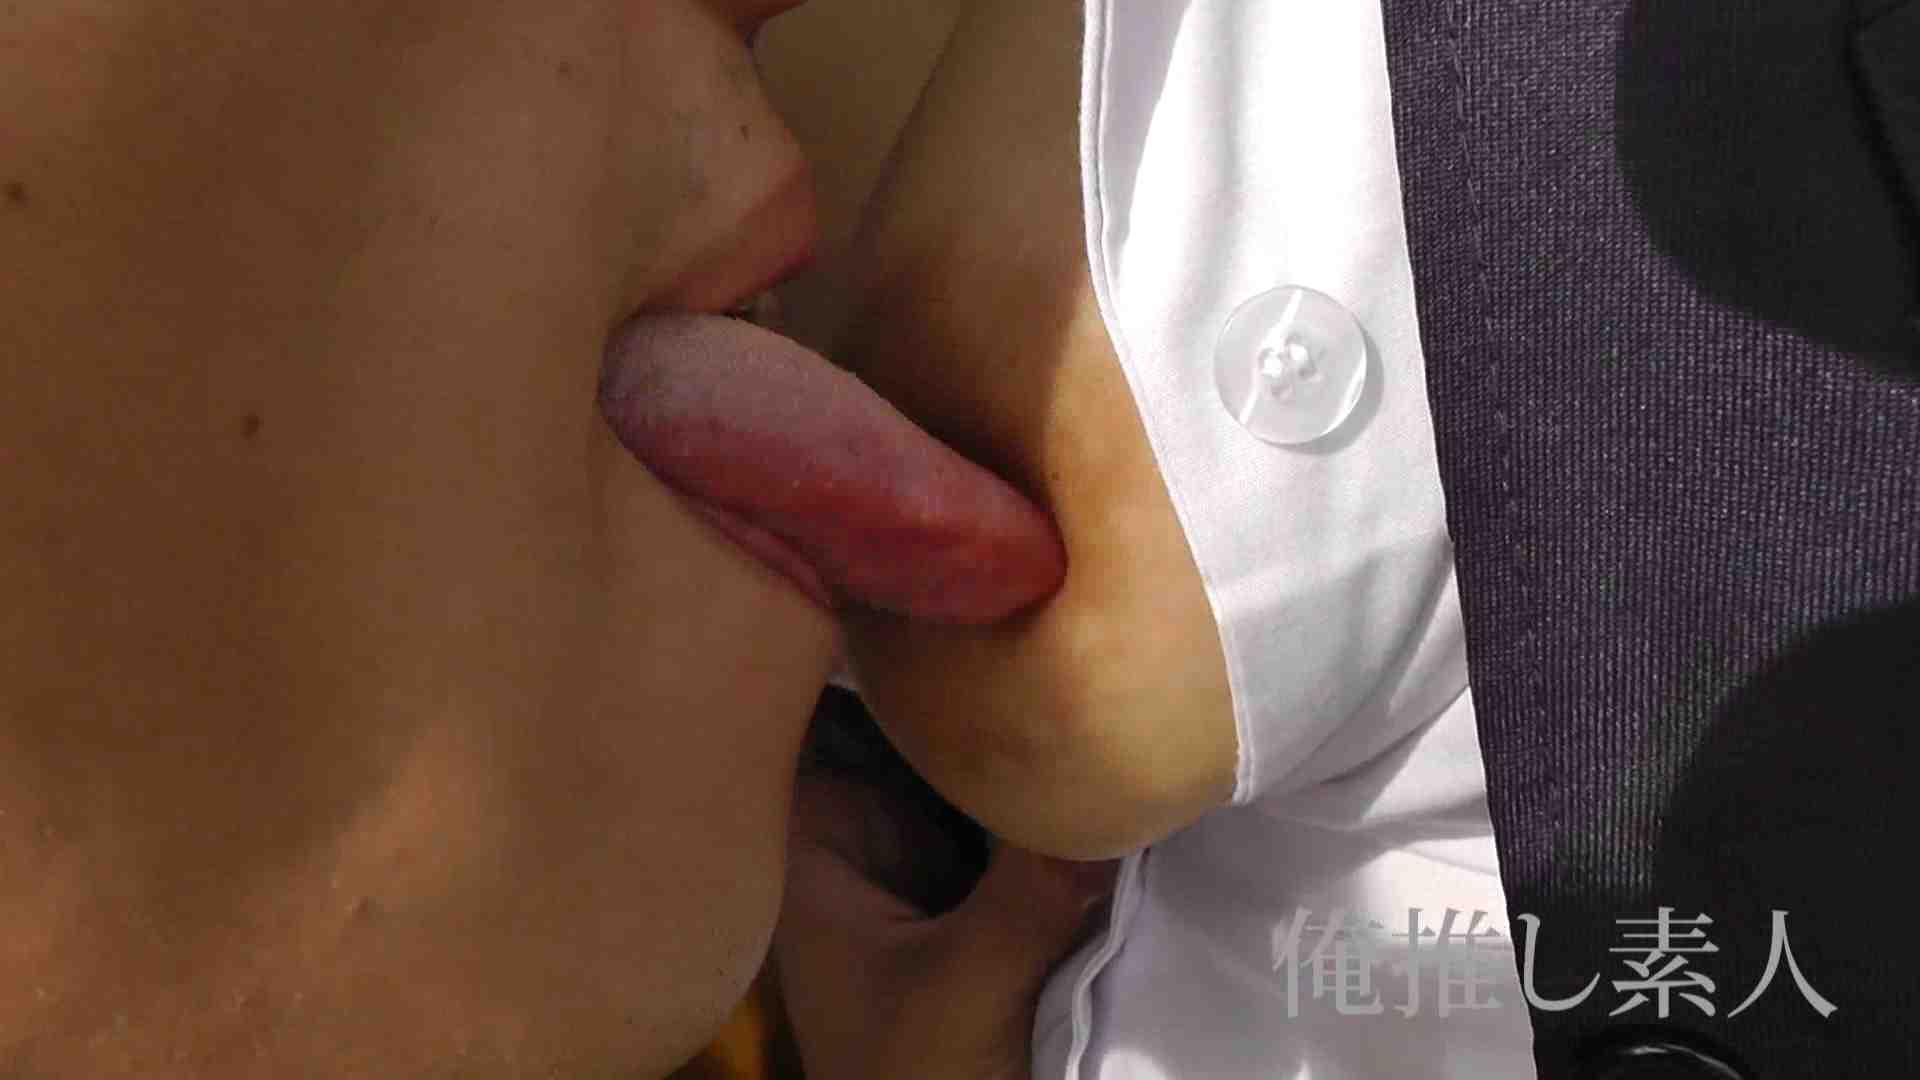 俺推し素人 30代人妻熟女キャバ嬢雫 綺麗なOLたち 盗撮動画紹介 94枚 93